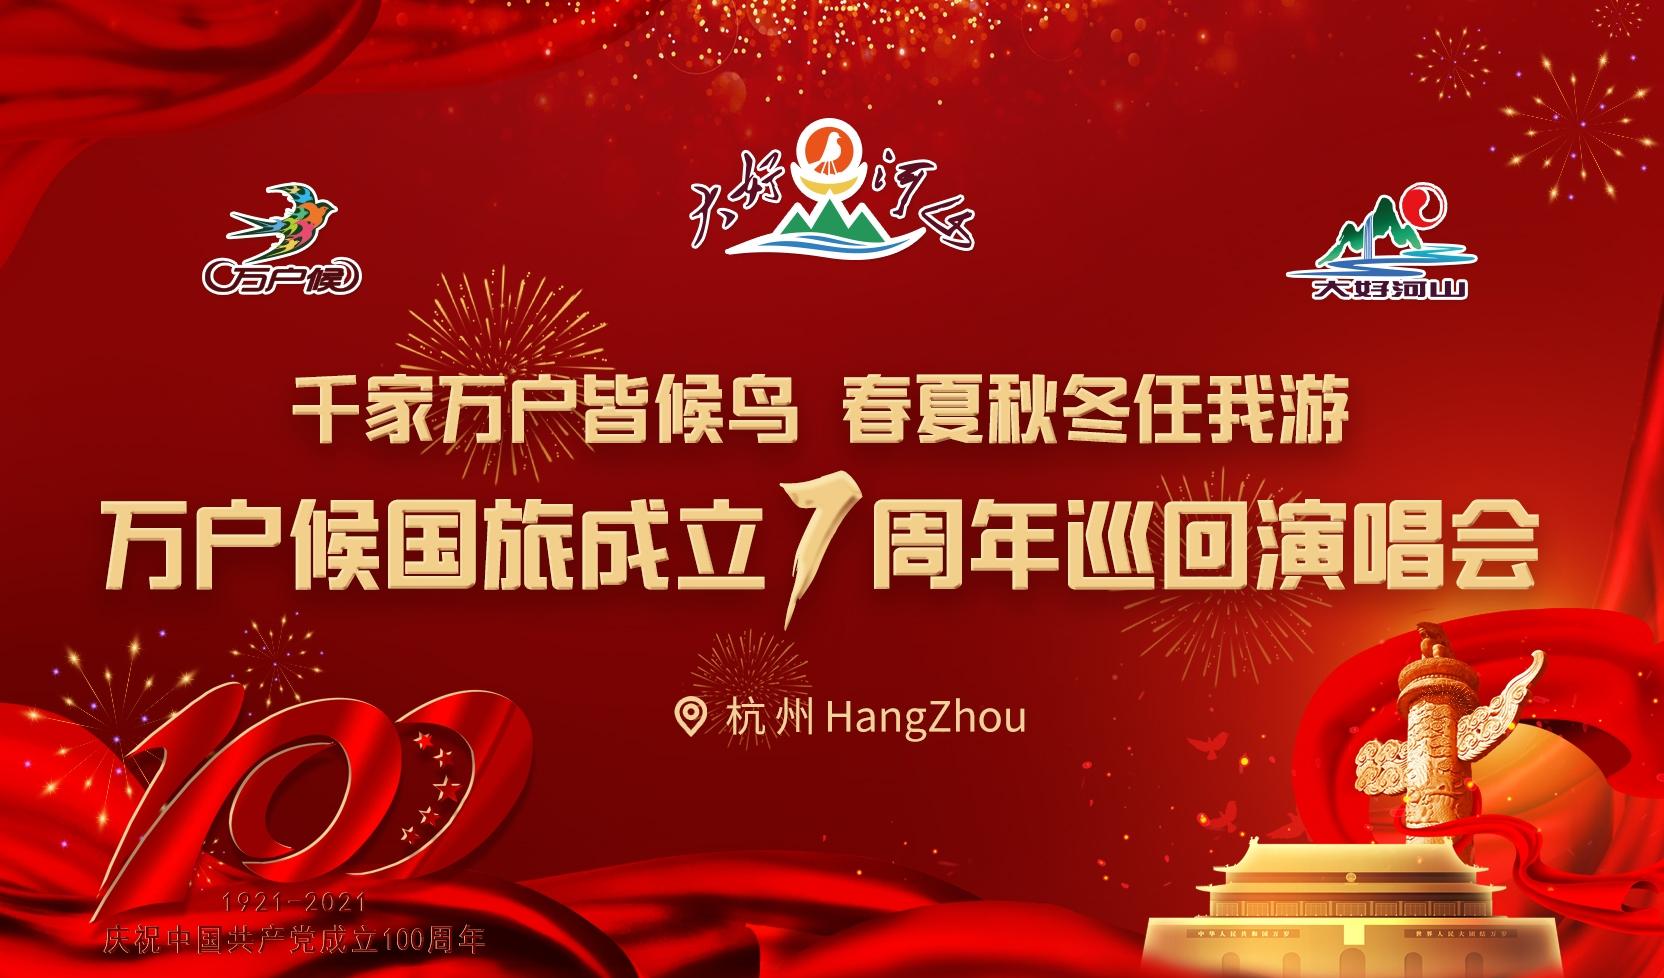 2021 万户候旅行社 7 周年-杭州演出